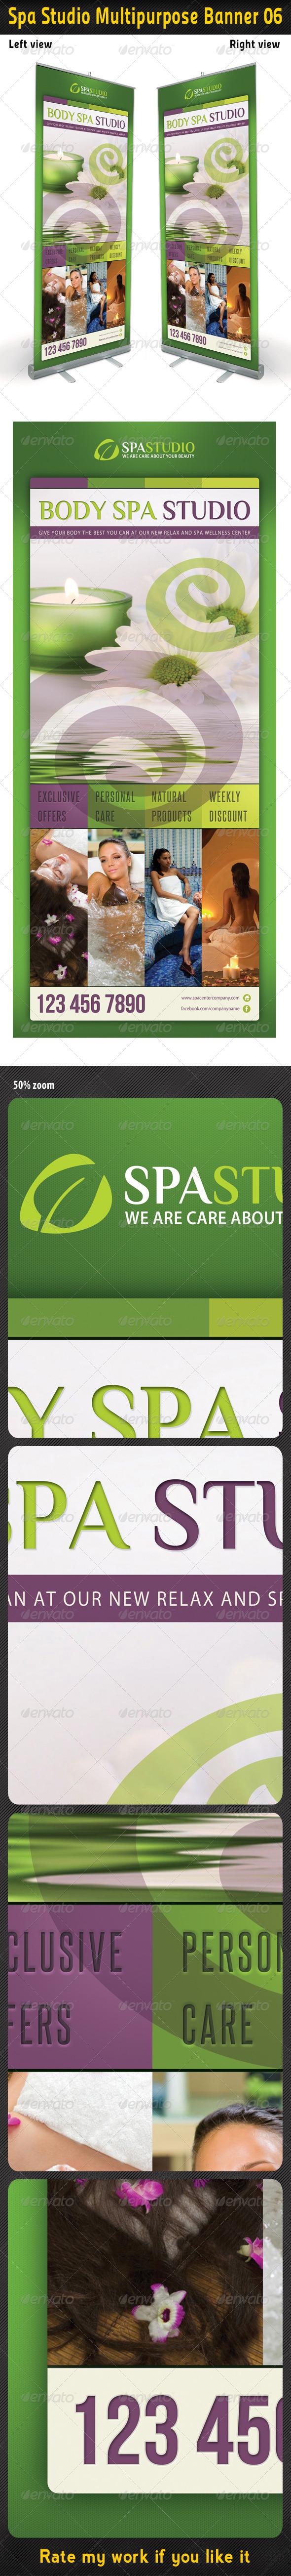 GraphicRiver Spa Studio Multipurpose Banner 06 5969849